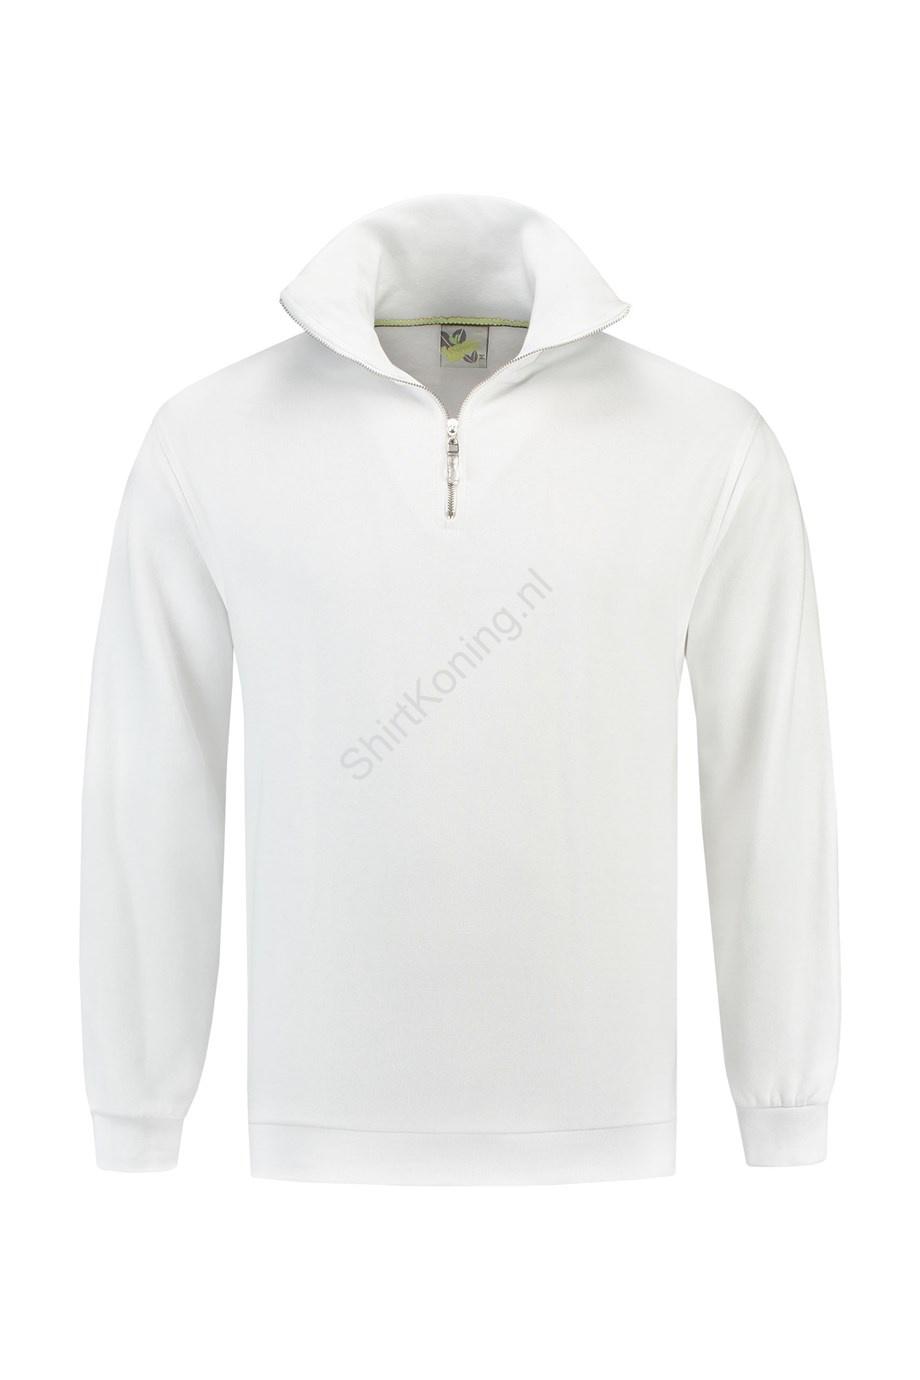 kleding-lemon&soda 3231